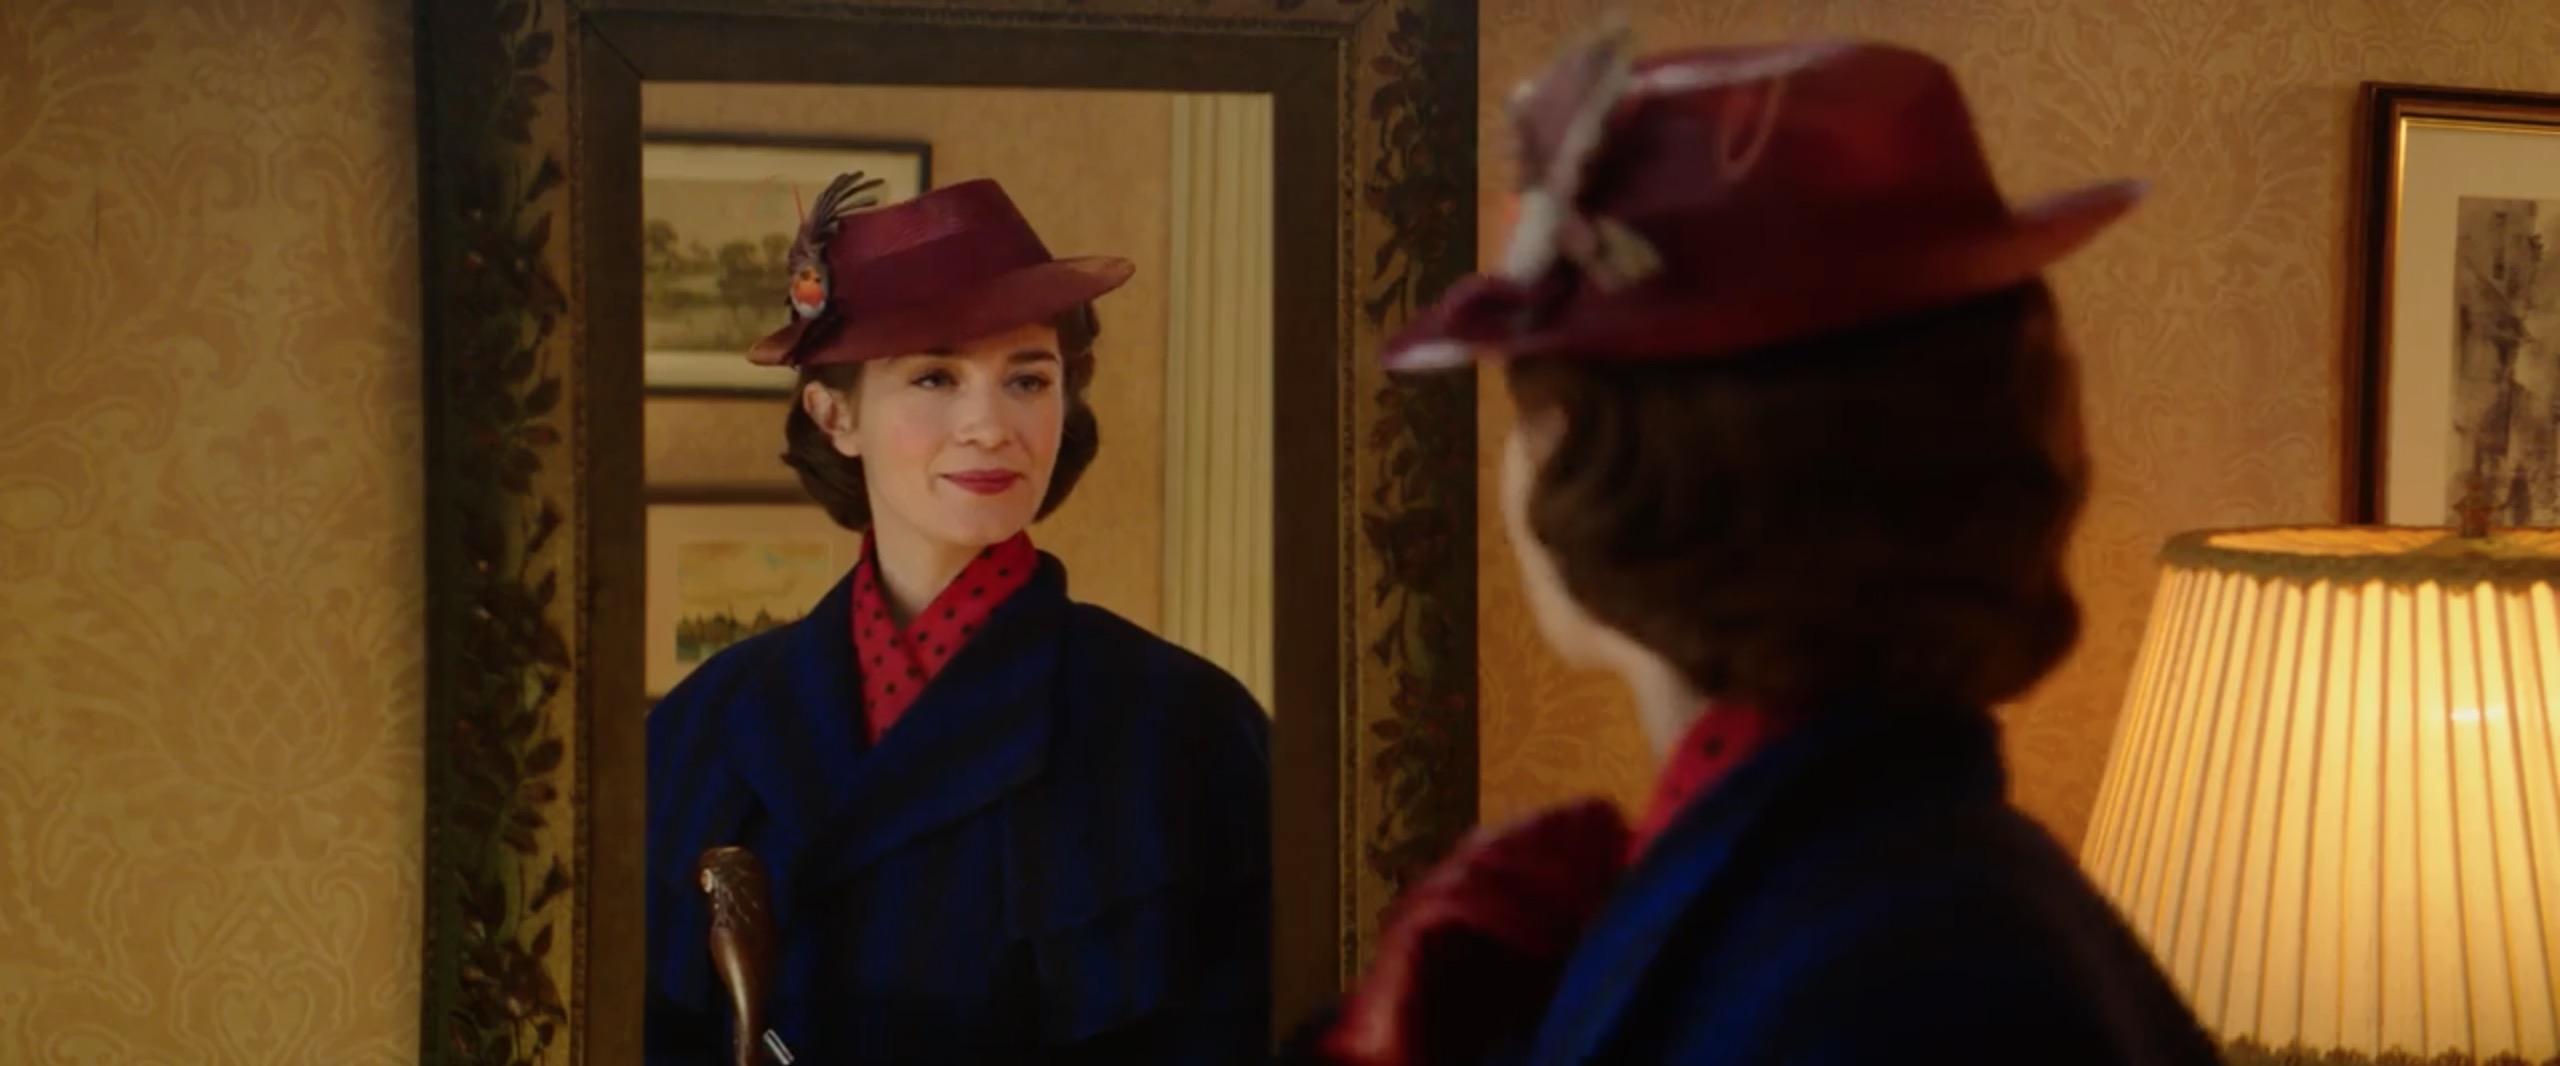 Mary poppins tutte le curiosità del film del stasera in tv